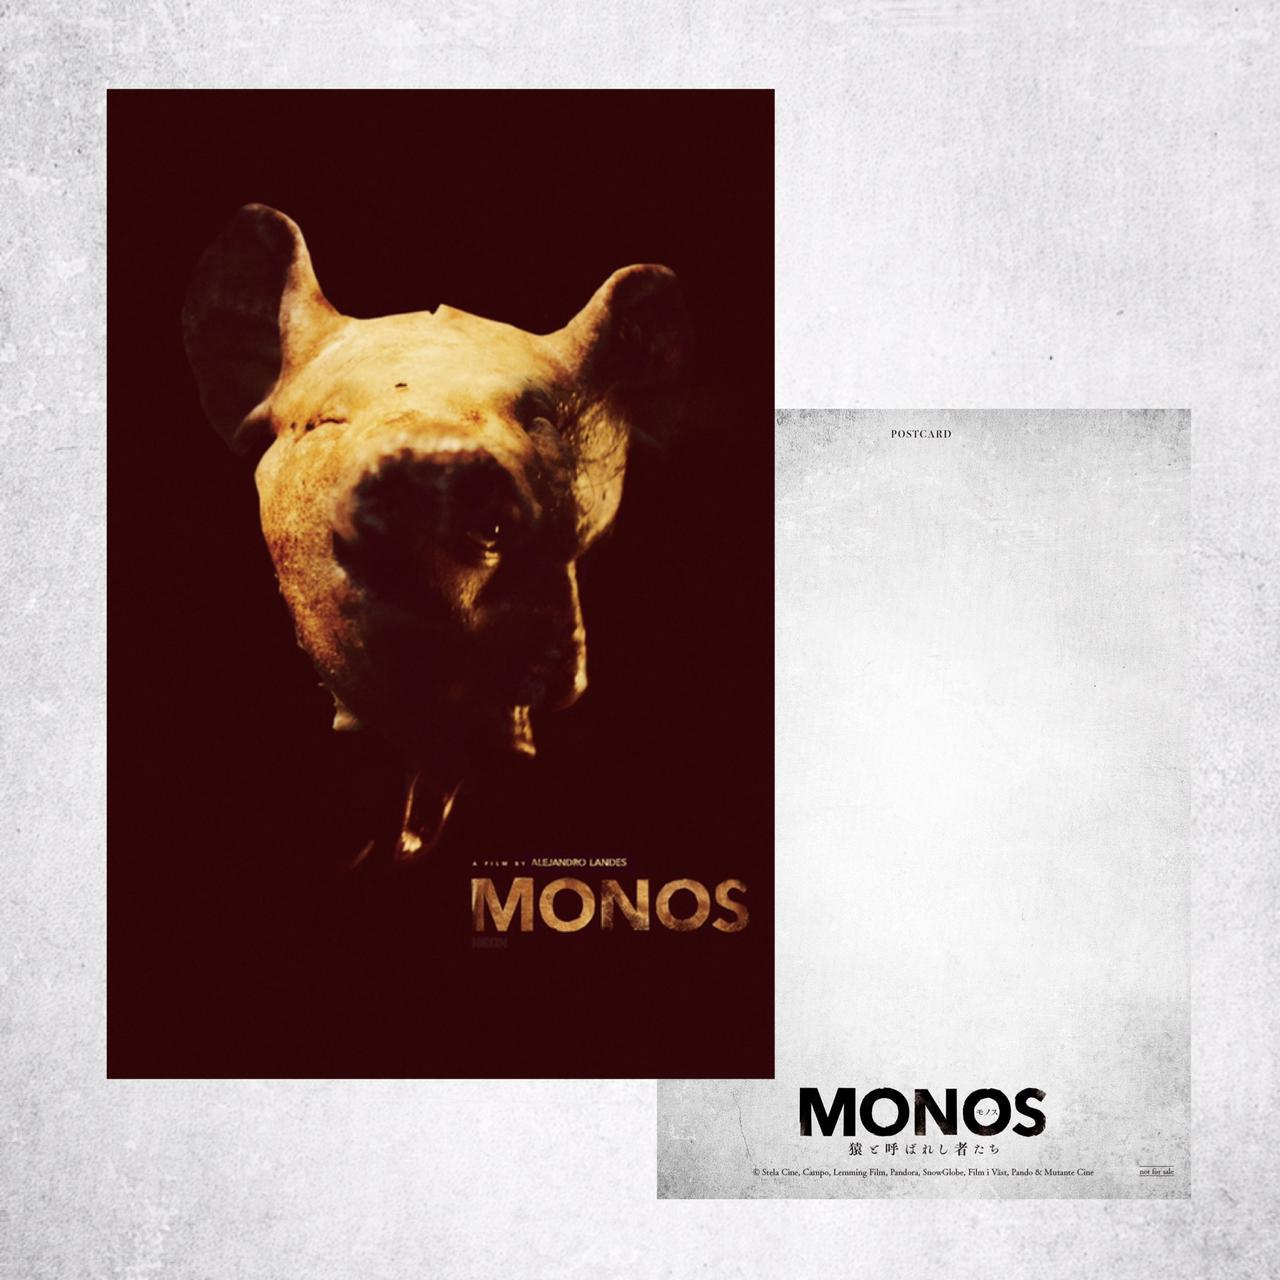 画像: ギレルモ・デル・トロ、イニャリトゥも絶賛!世界各国の映画祭を席巻!63部門ノミネート/30部門受賞!『MONOS 猿と呼ばれし者たち』ビジュアル&予告解禁!